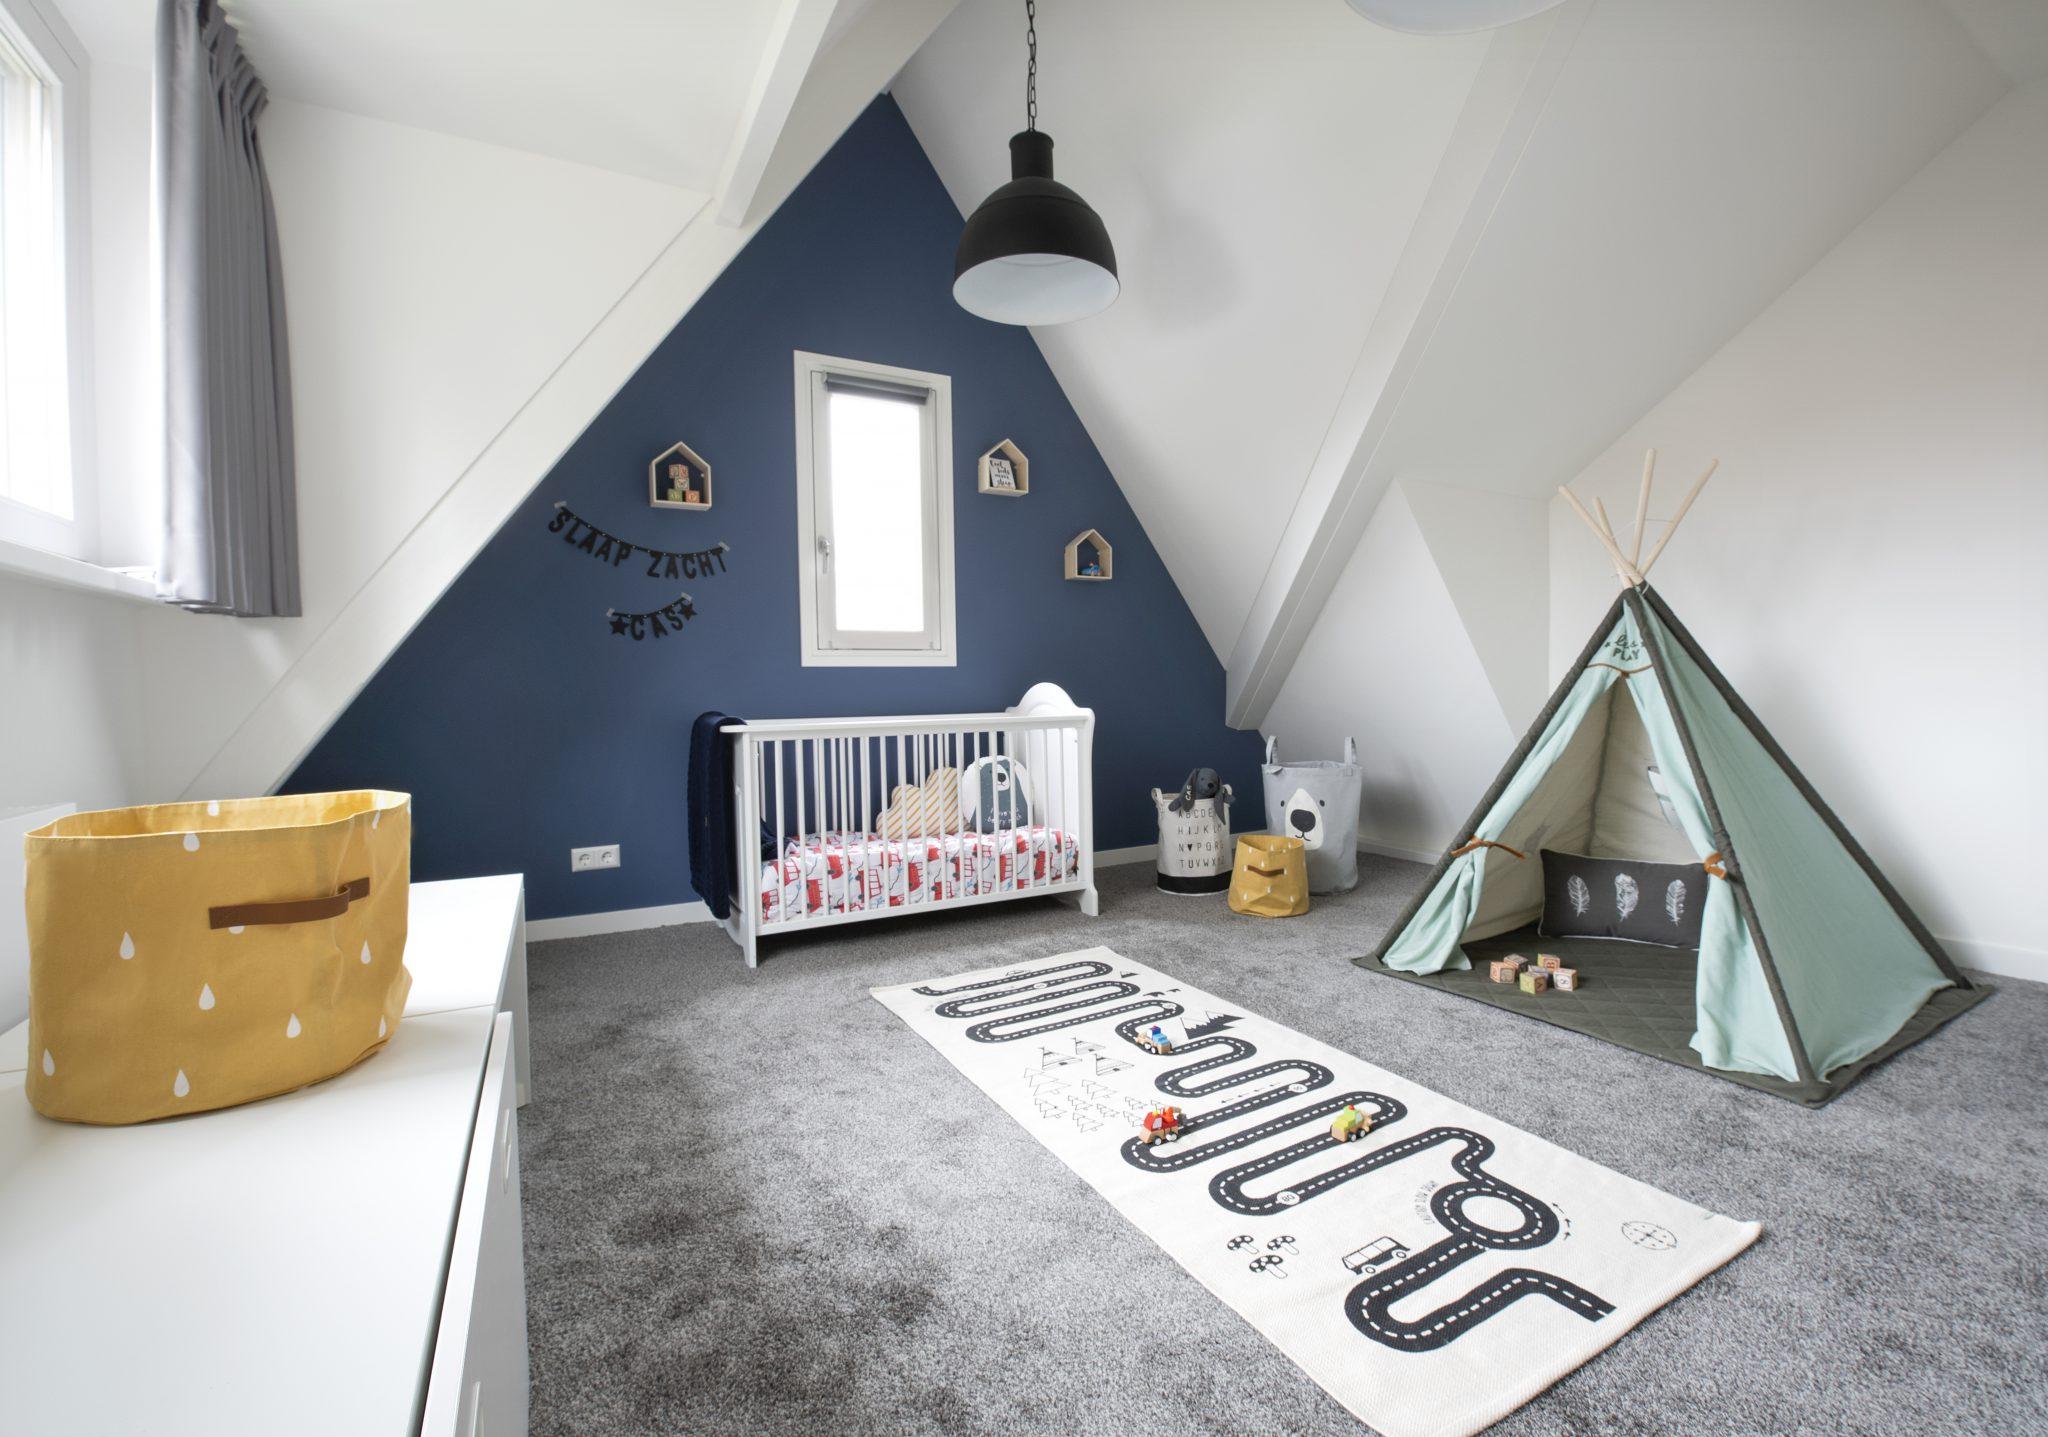 Kinderkamer_jongenskamer_interieur_styling